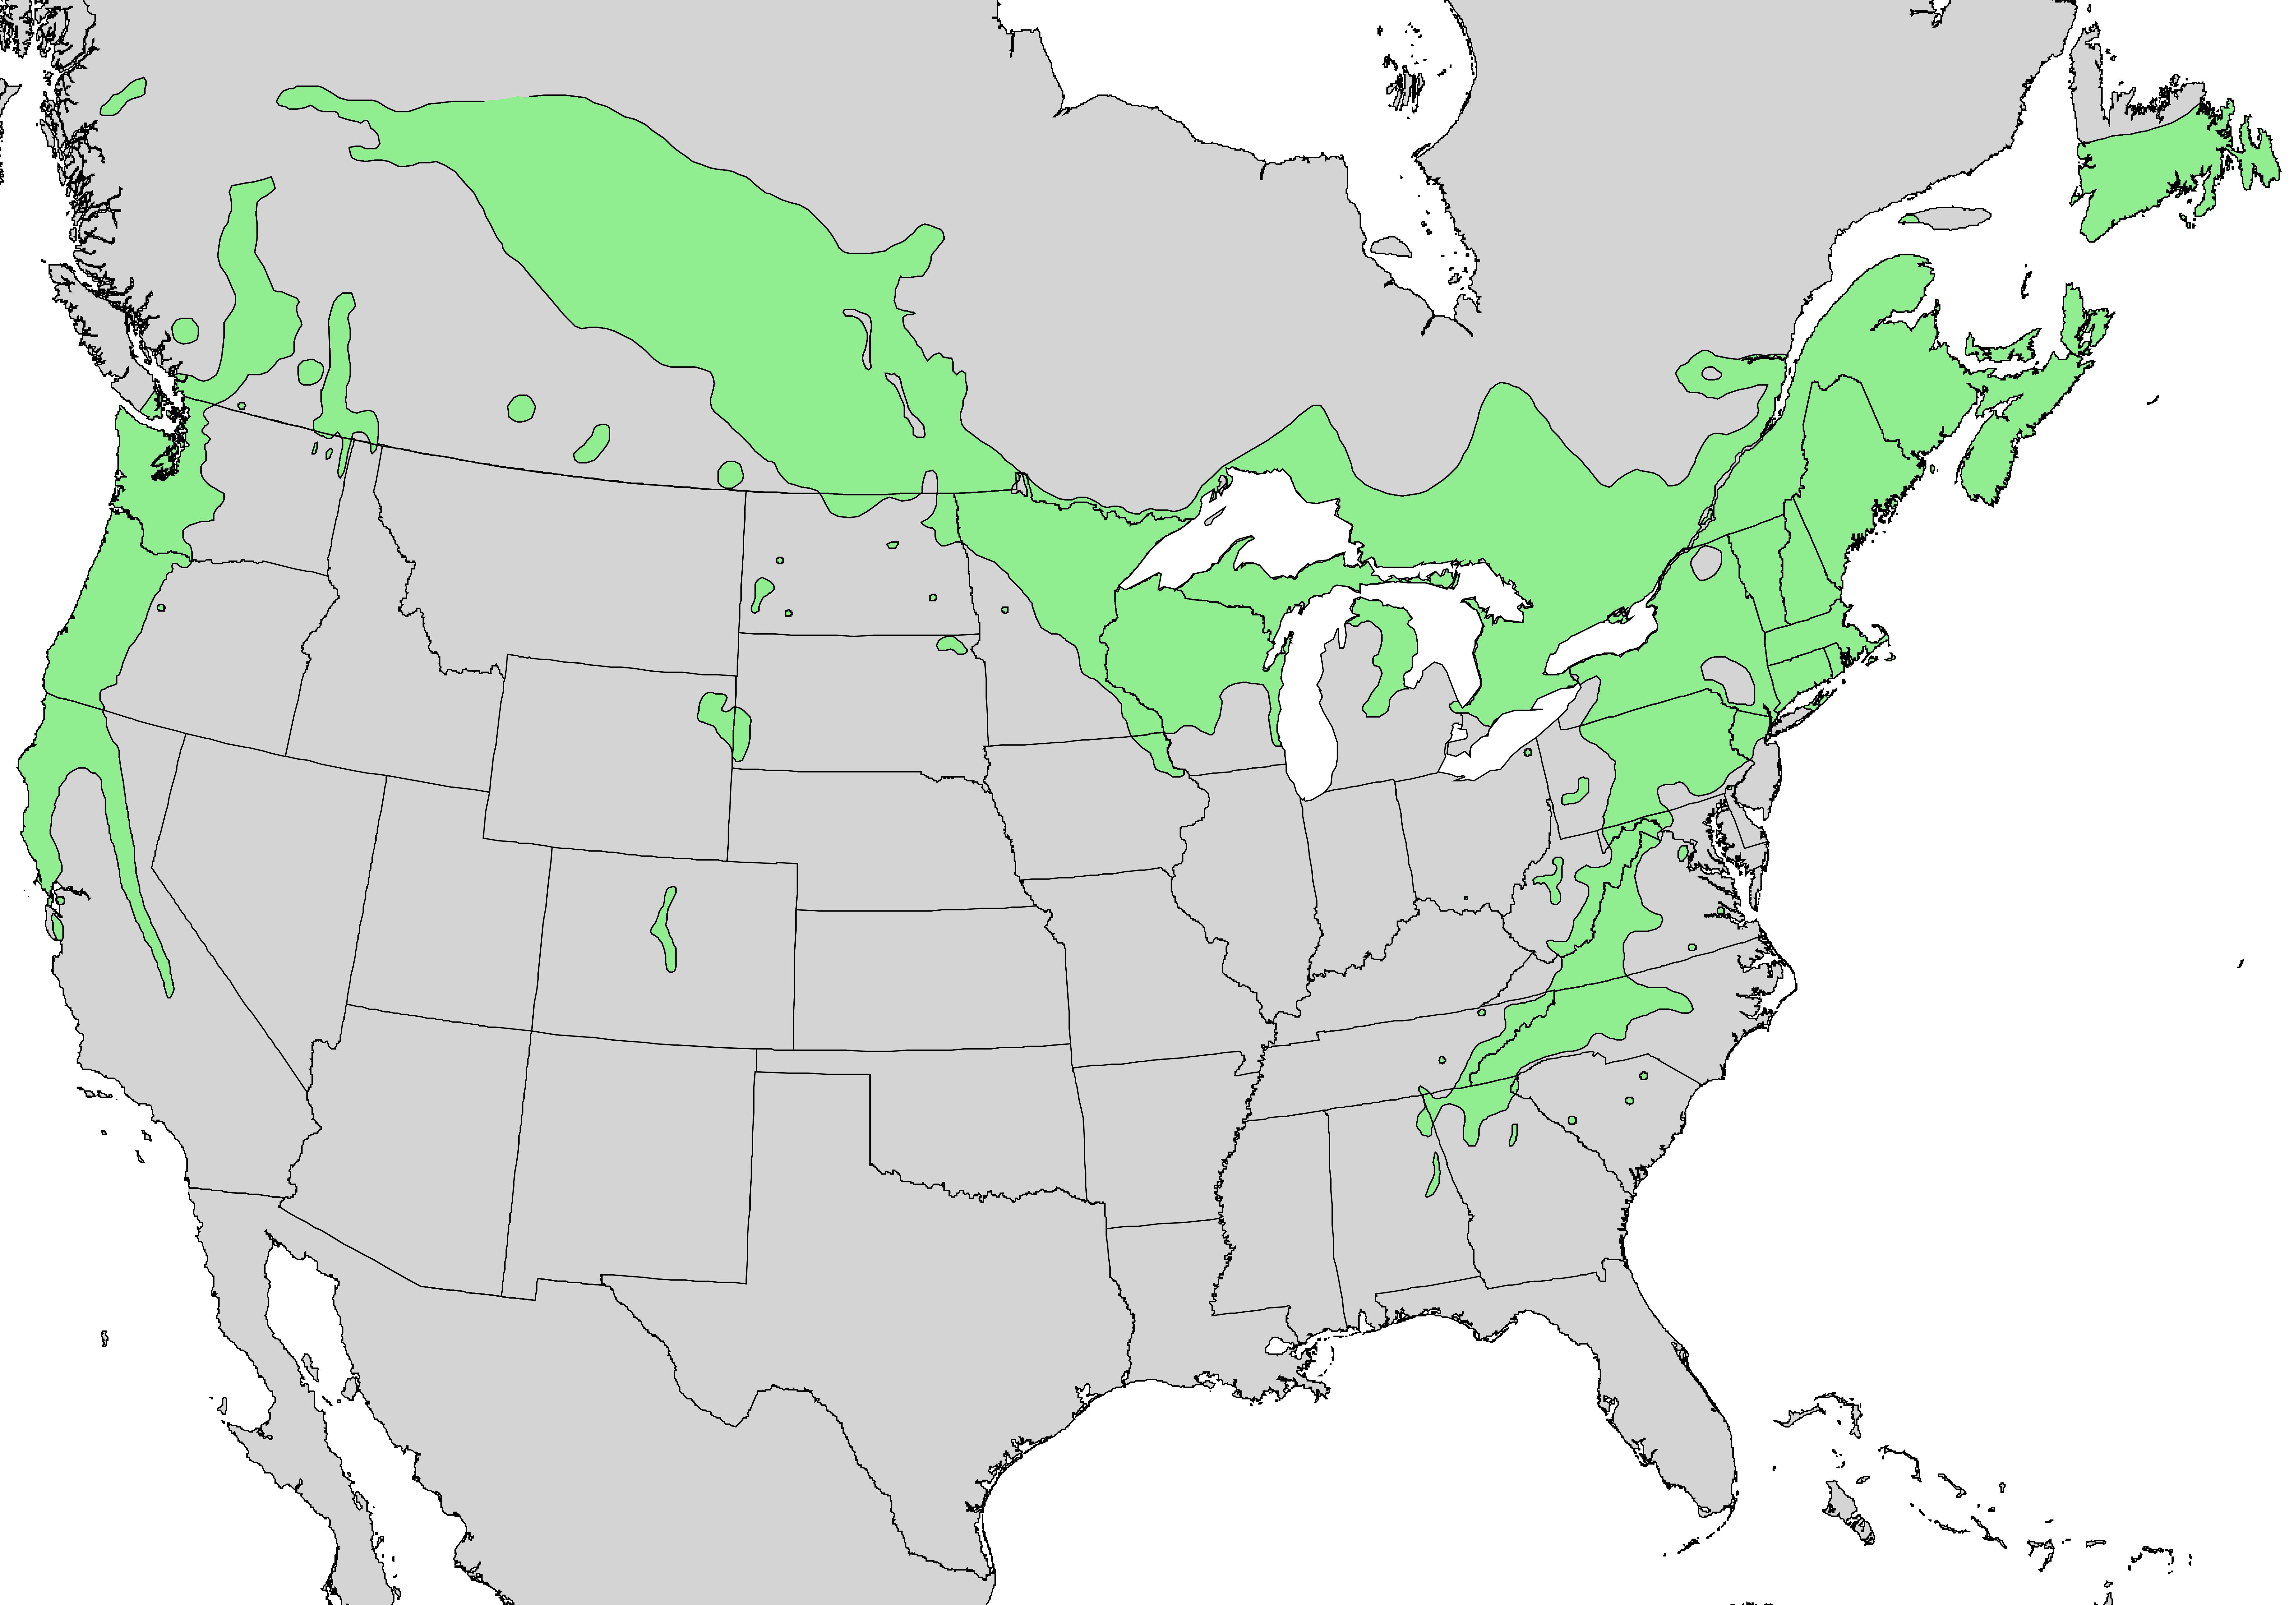 FileCorylus Cornuta Range Map Png Wikimedia Commons - Us government tree map